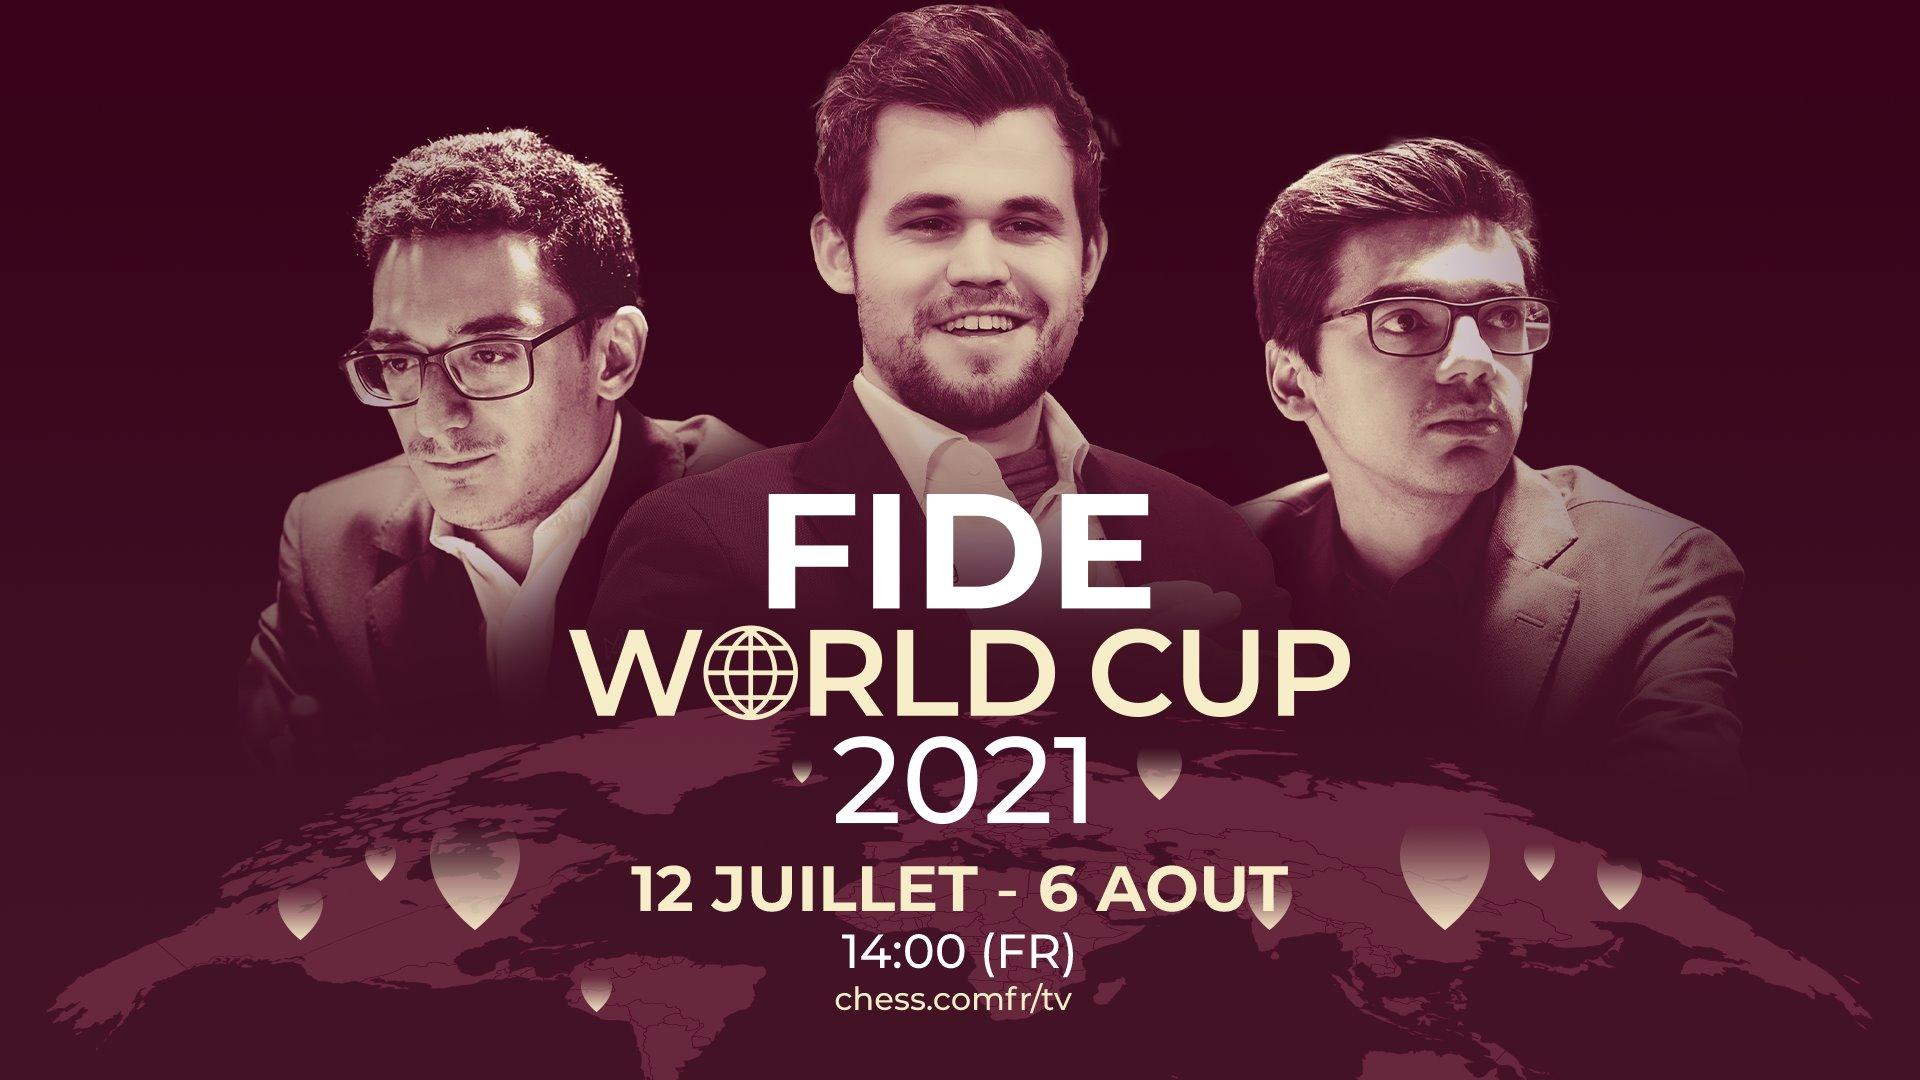 fide_world_kup_1.jpg